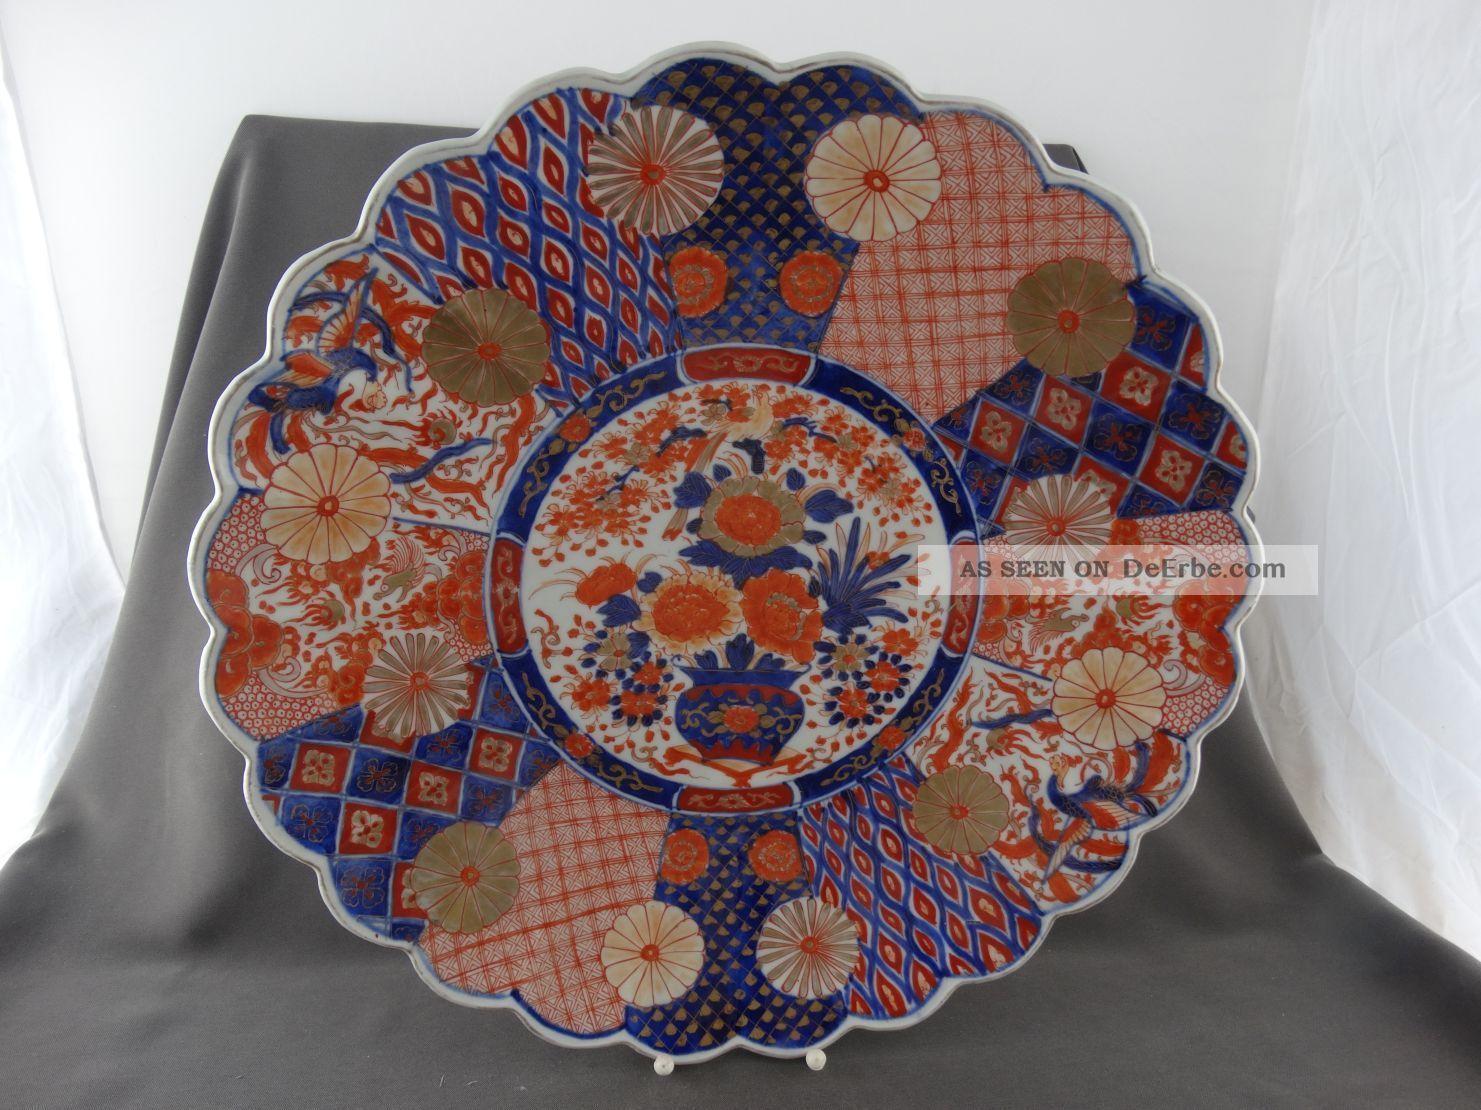 Japan Keramik Großer Alter Imari Teller Blau Rot Gold Reiche Blumenmalerei - 42 Asiatika: Japan Bild